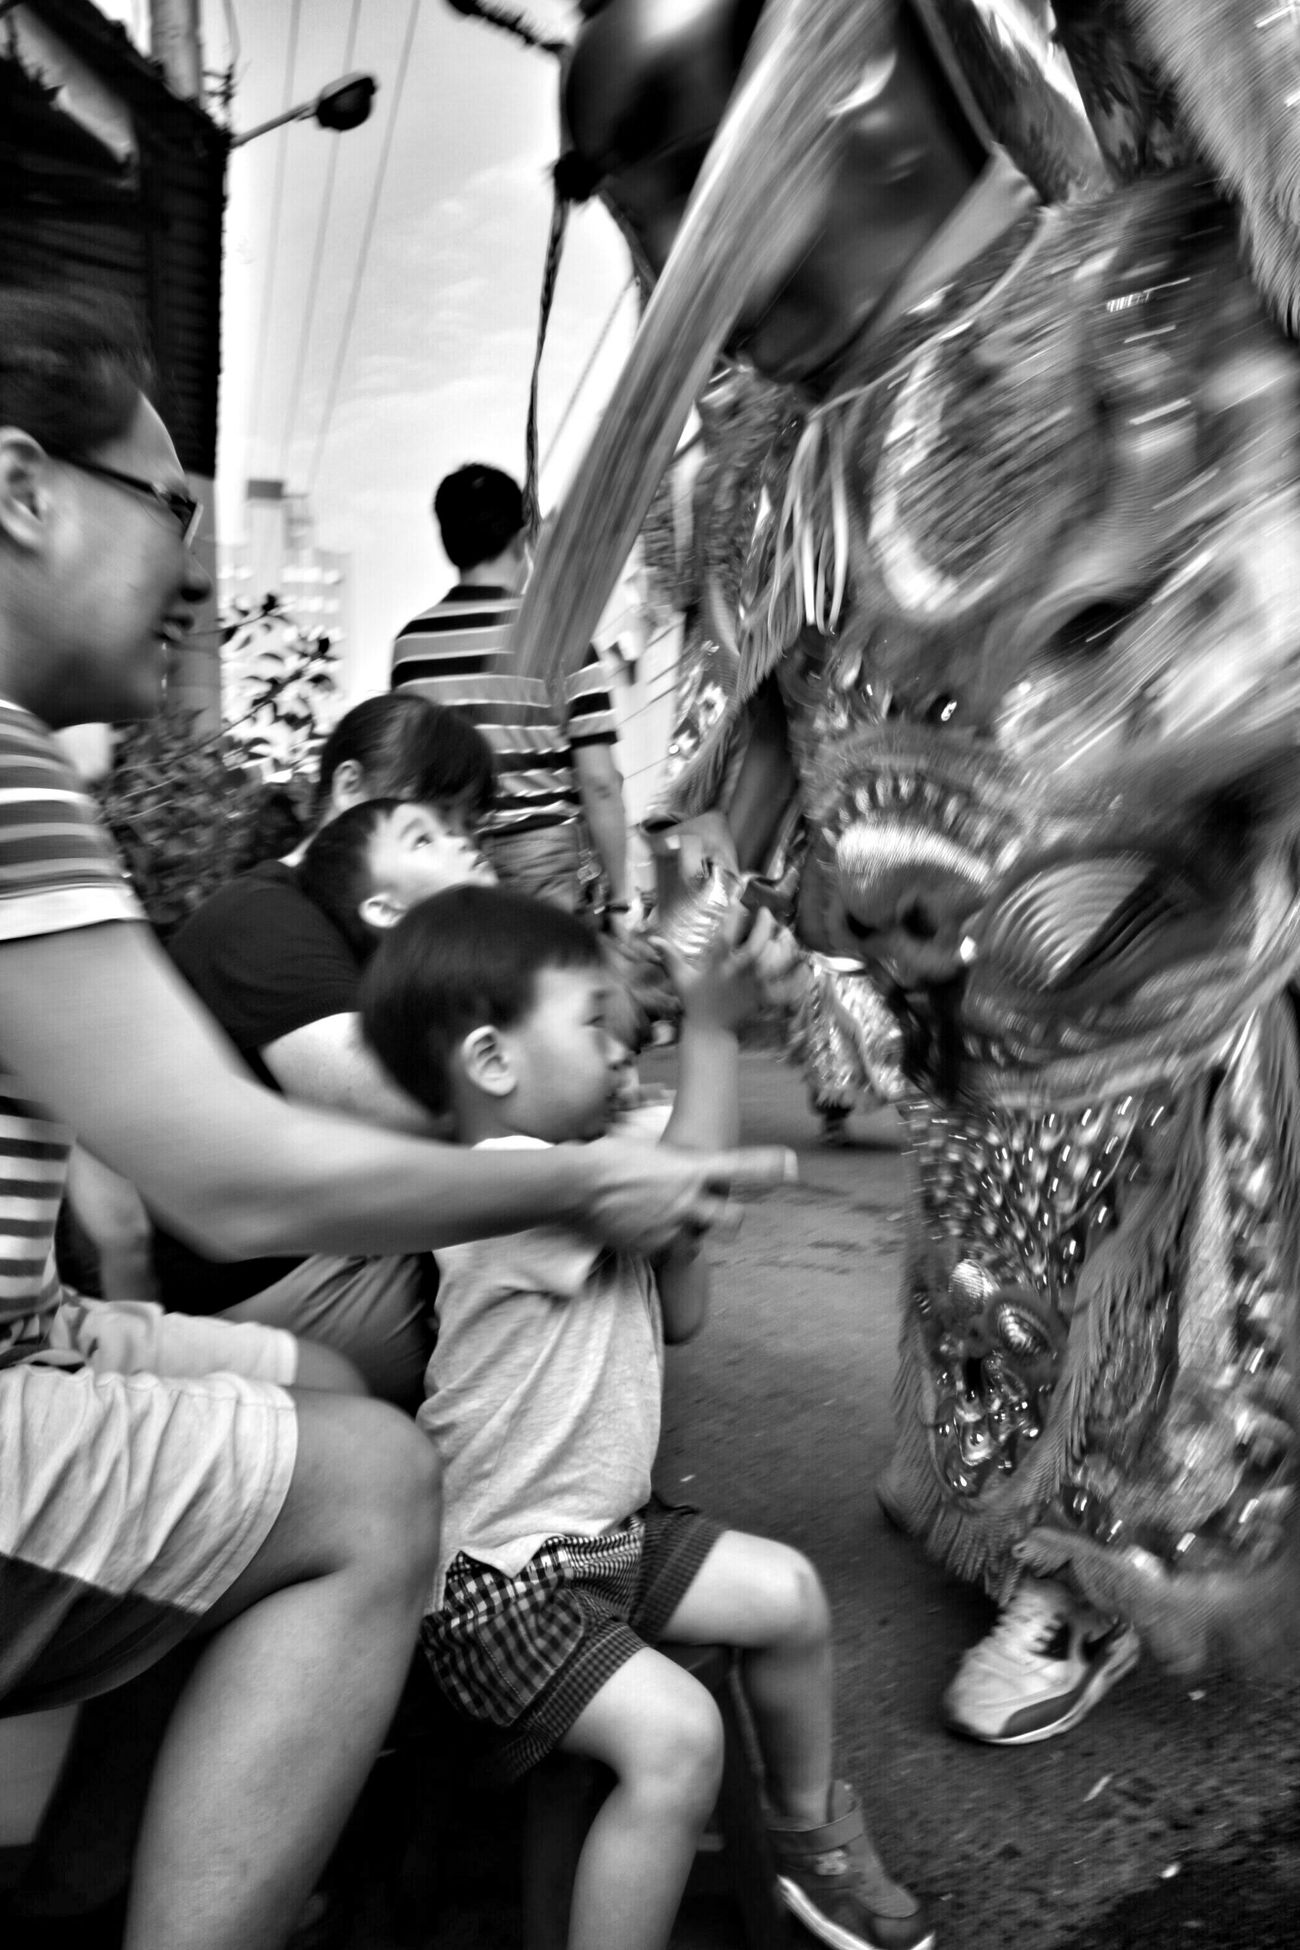 拿椅頭看陣頭-4 The View And The Spirit Of Taiwan 台灣景 台灣情 Streetphotography What I Saw People Portrait Blackandwhite Monochrome